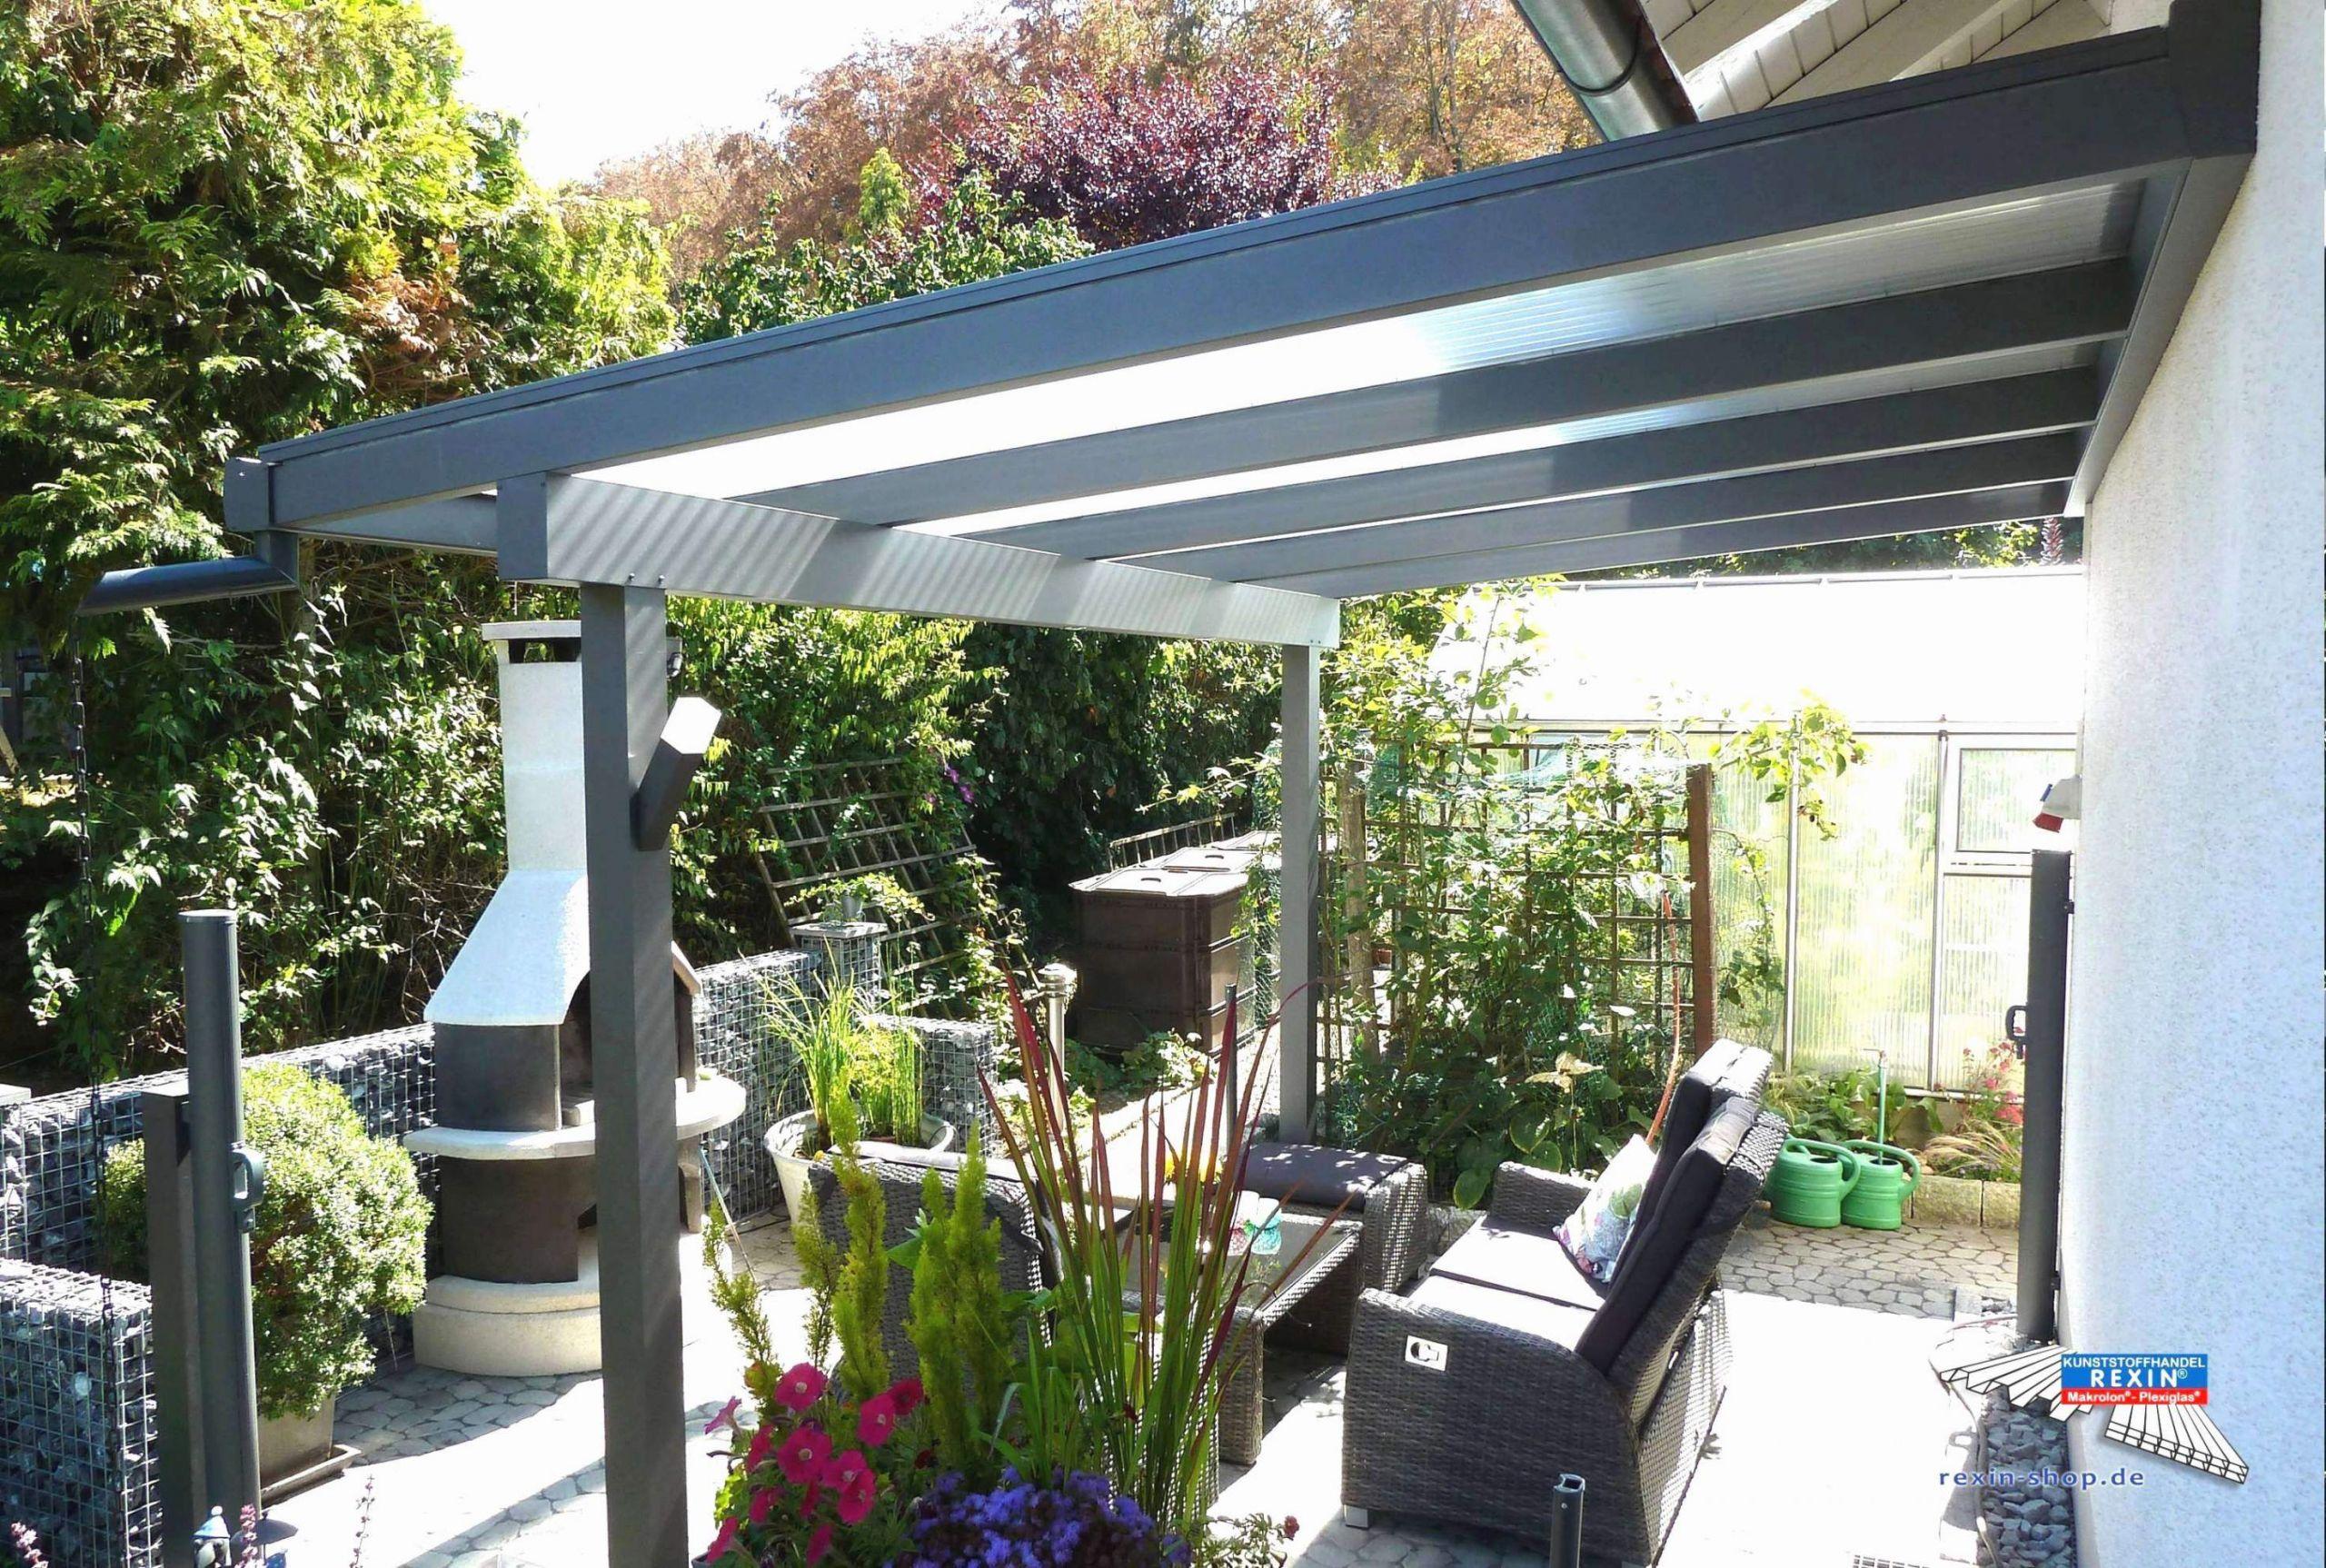 37 frisch kleinen garten gestalten vorher nachher kleiner reihenhausgarten gestalten kleiner reihenhausgarten gestalten 3